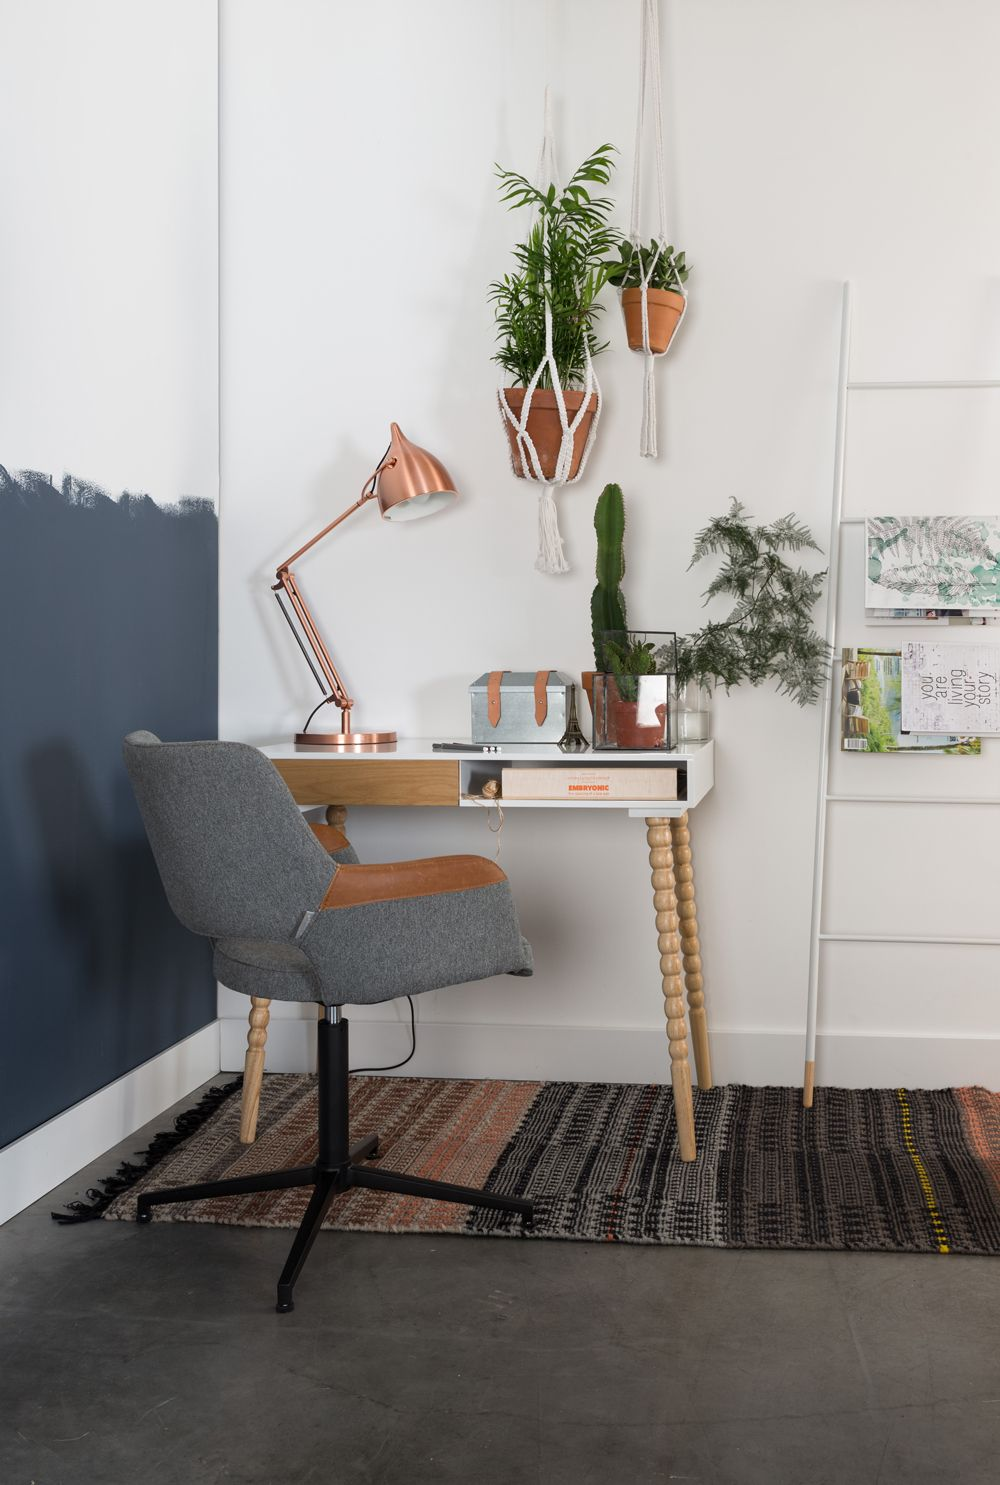 Zuiver Bureau En Stoel  Boer Staphorst | #stoel #vloerkleed #planten  #decoratie